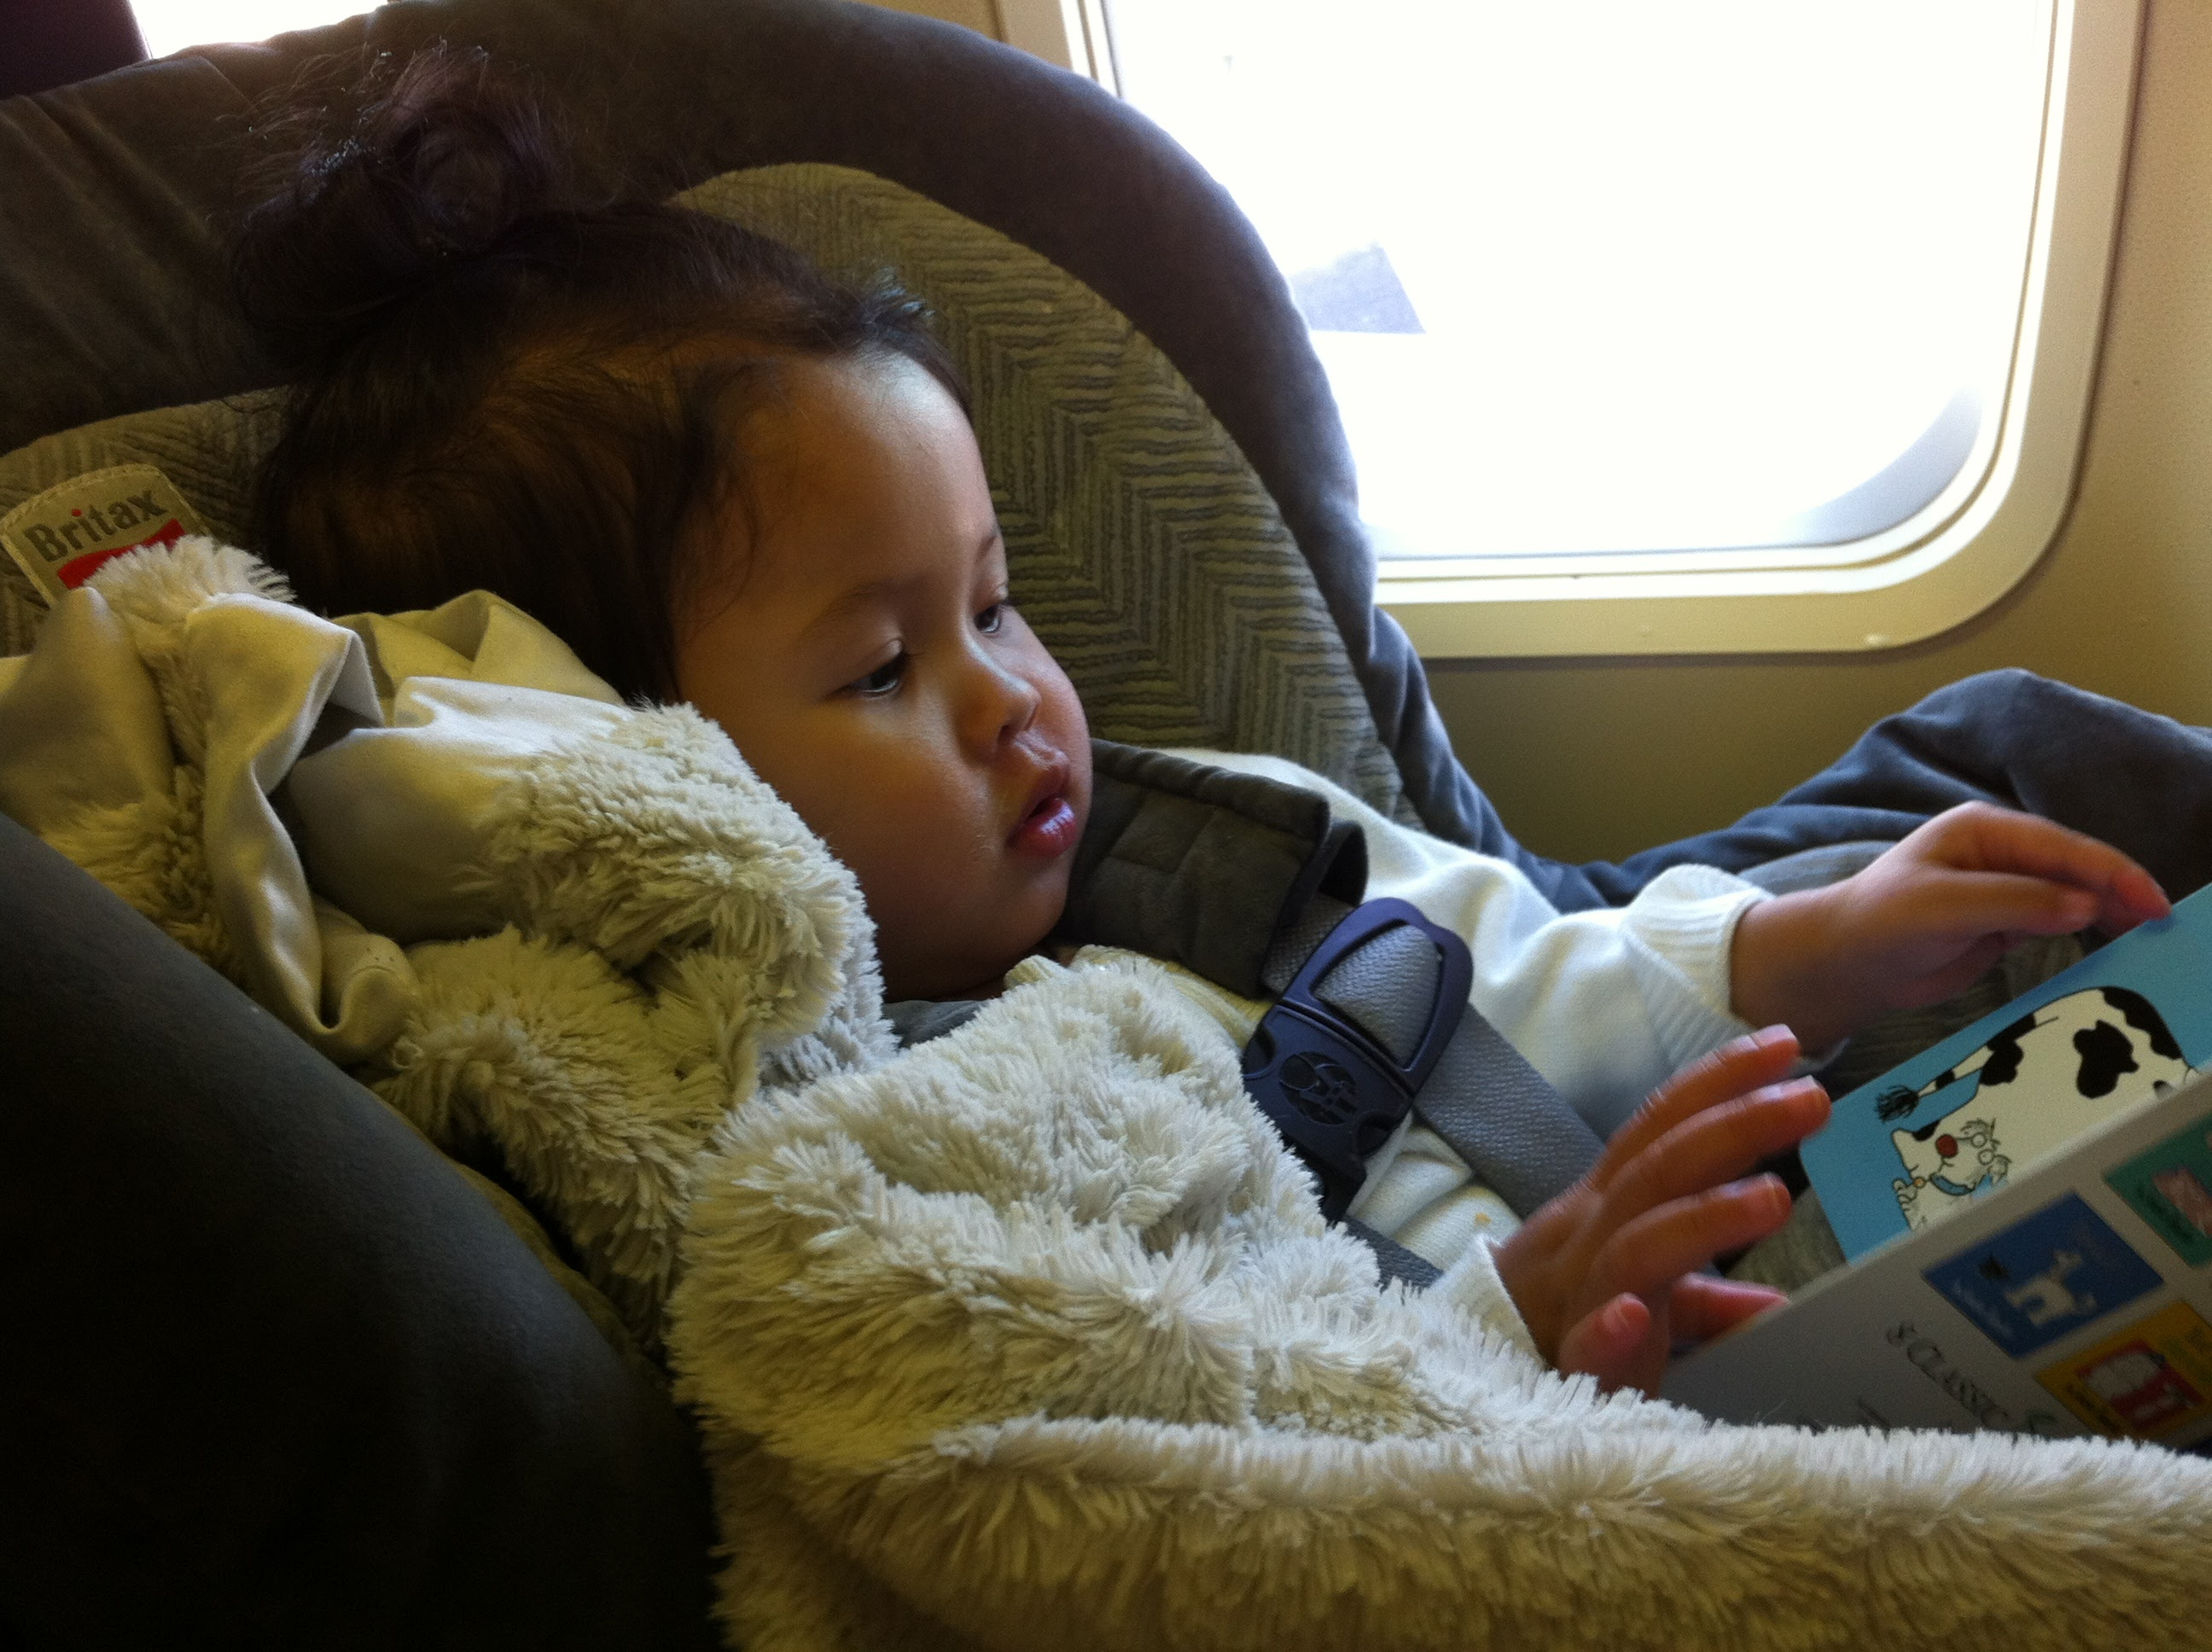 راههای سرگرم کردن کودکان در هواپیما